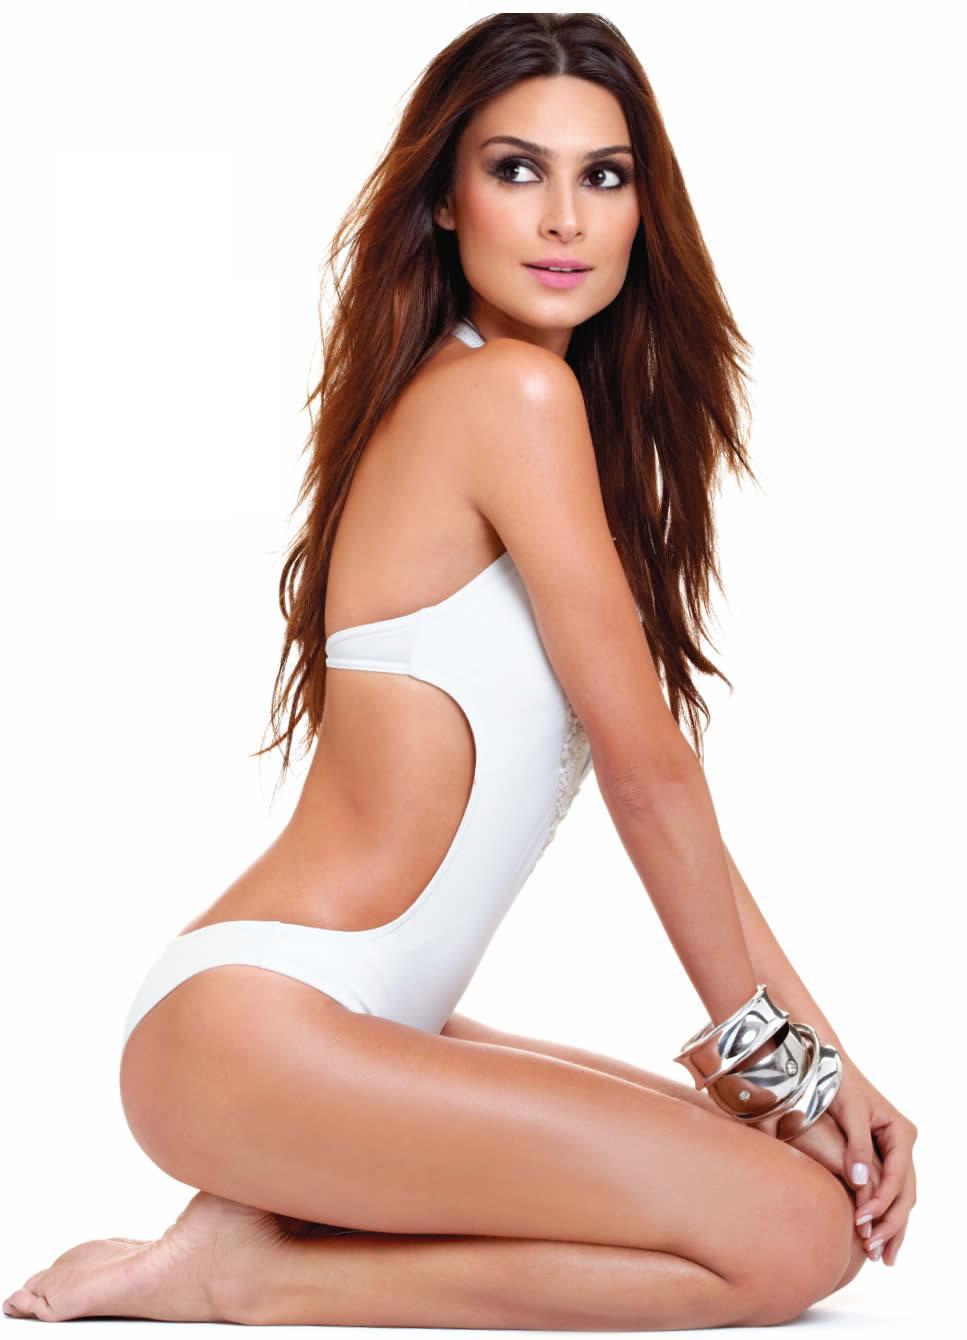 So về độ nóng bỏng, bạn gái tin đồn mới của Orlando Bloom không hề kém cạnh Miranda Kerr và Katy Perry! - Ảnh 2.